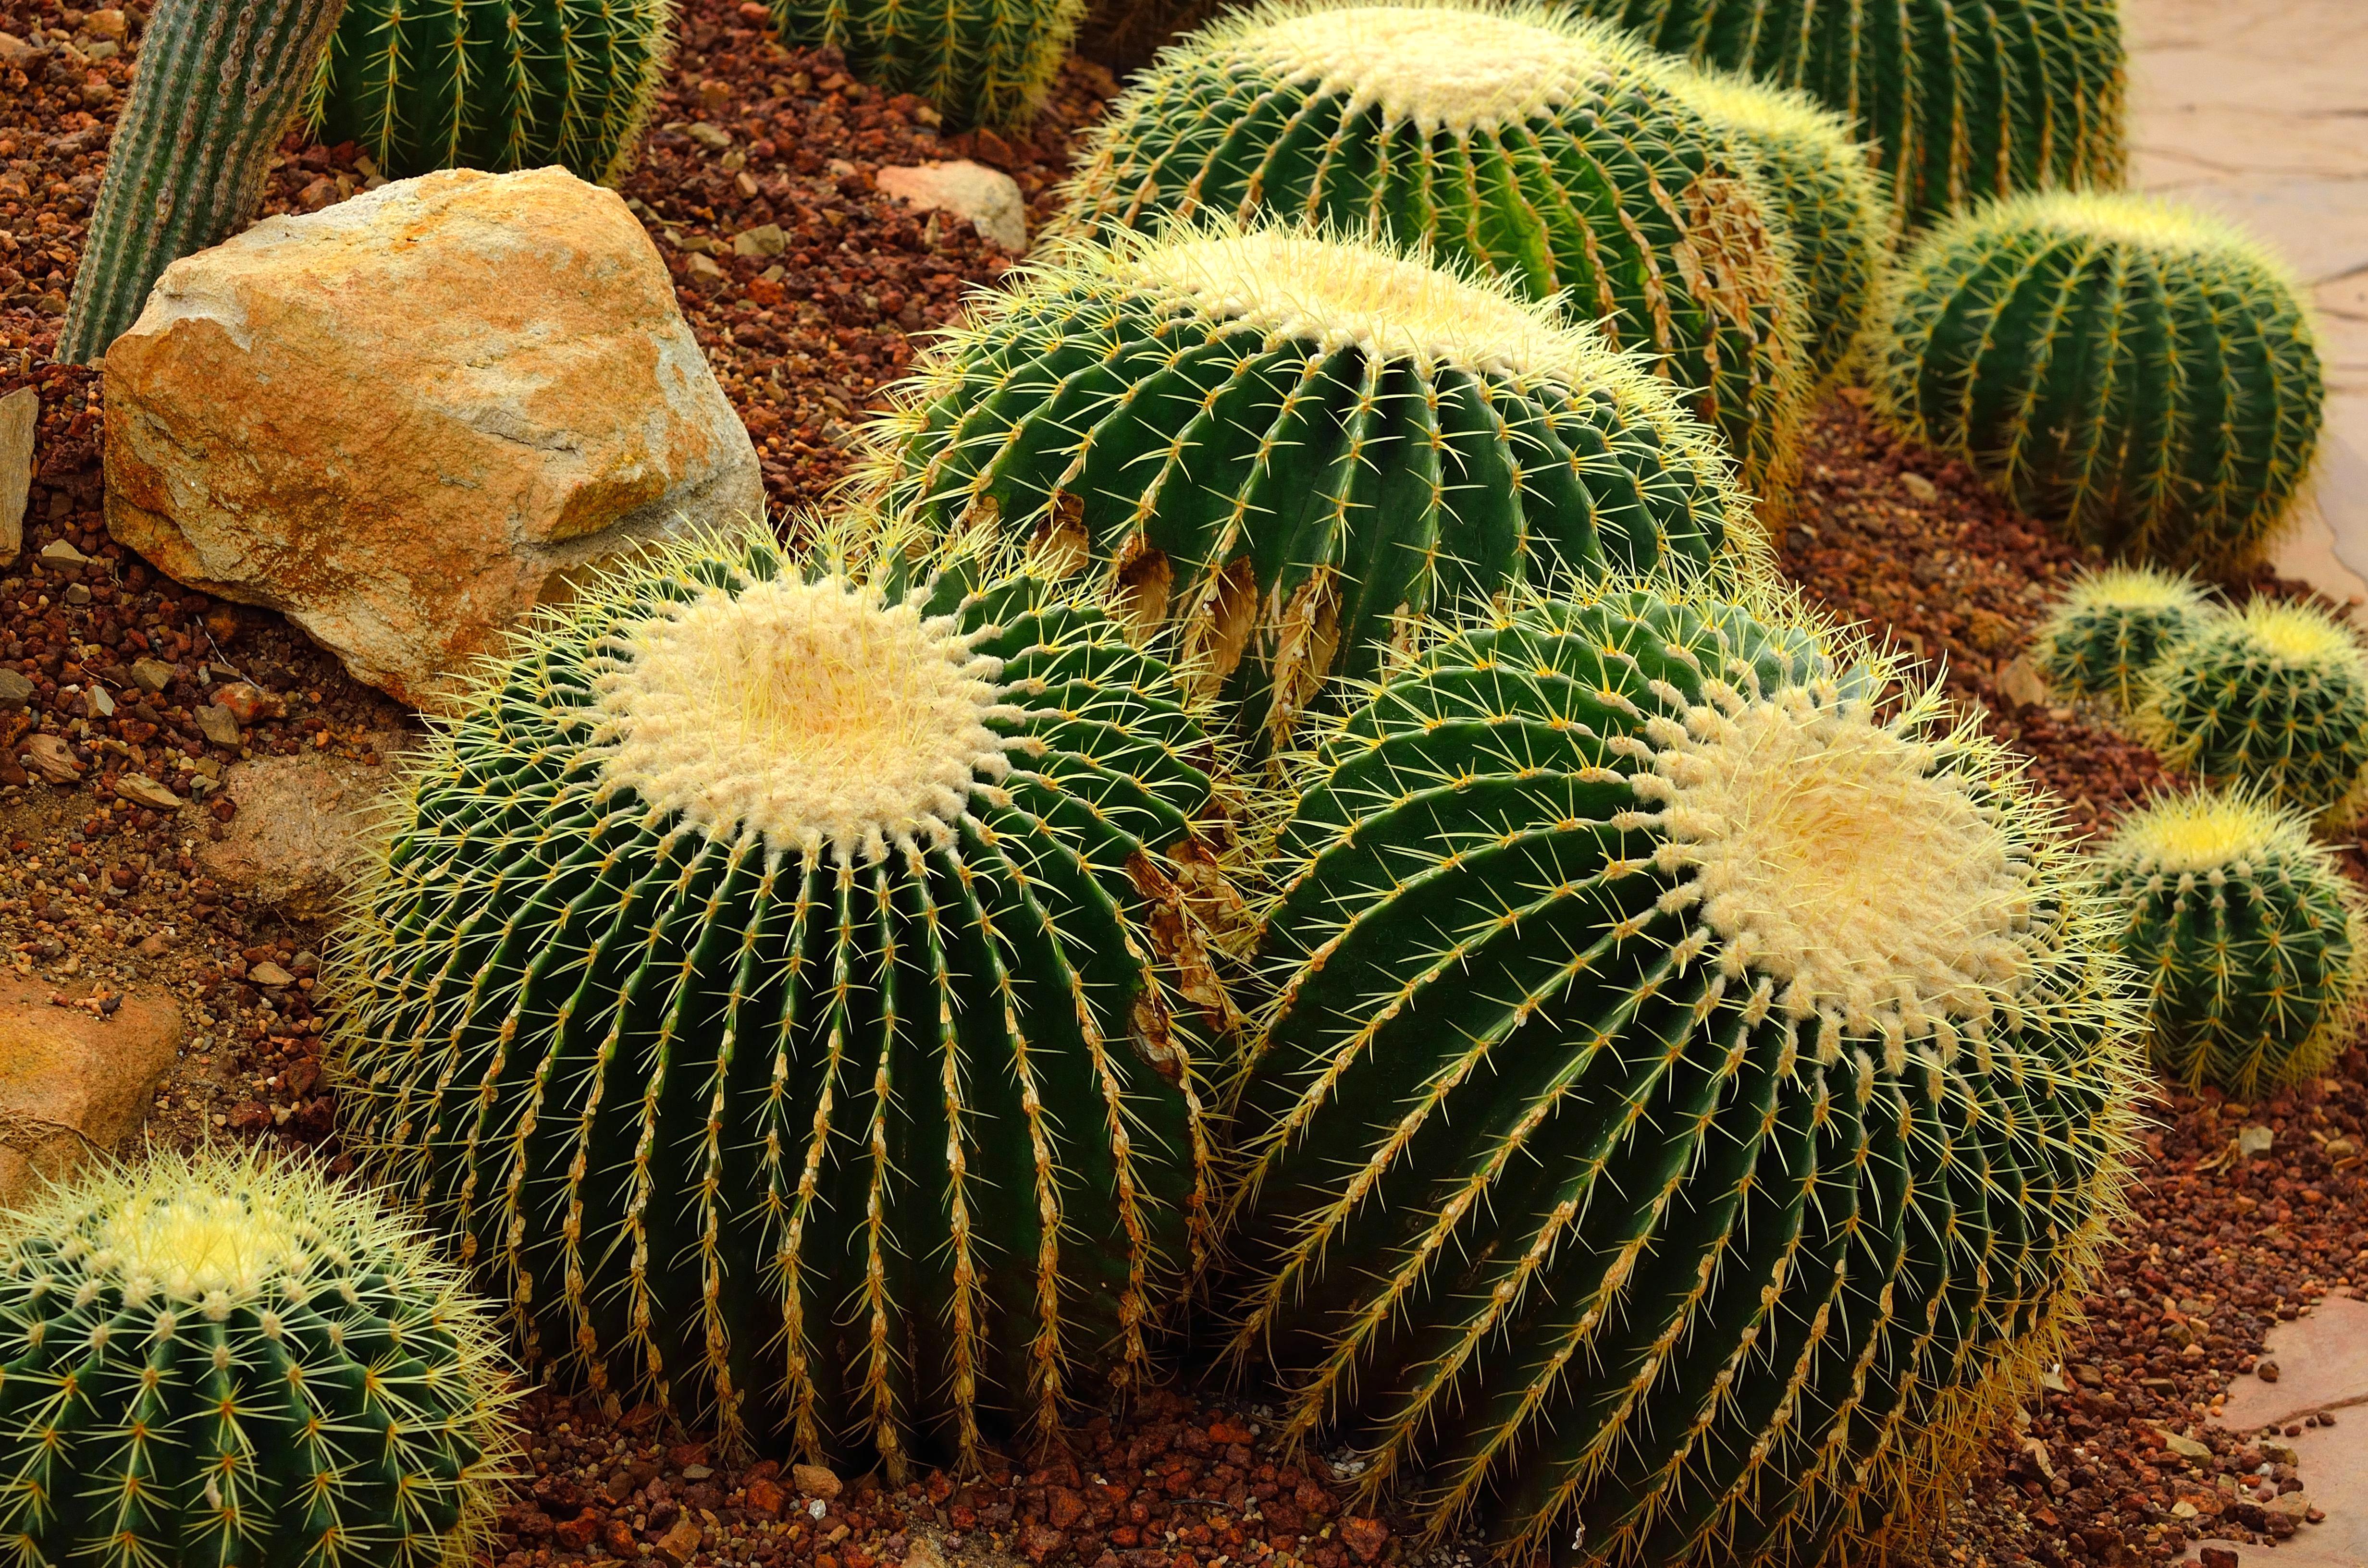 Golden barrel cactus or Echinocactus grusonii